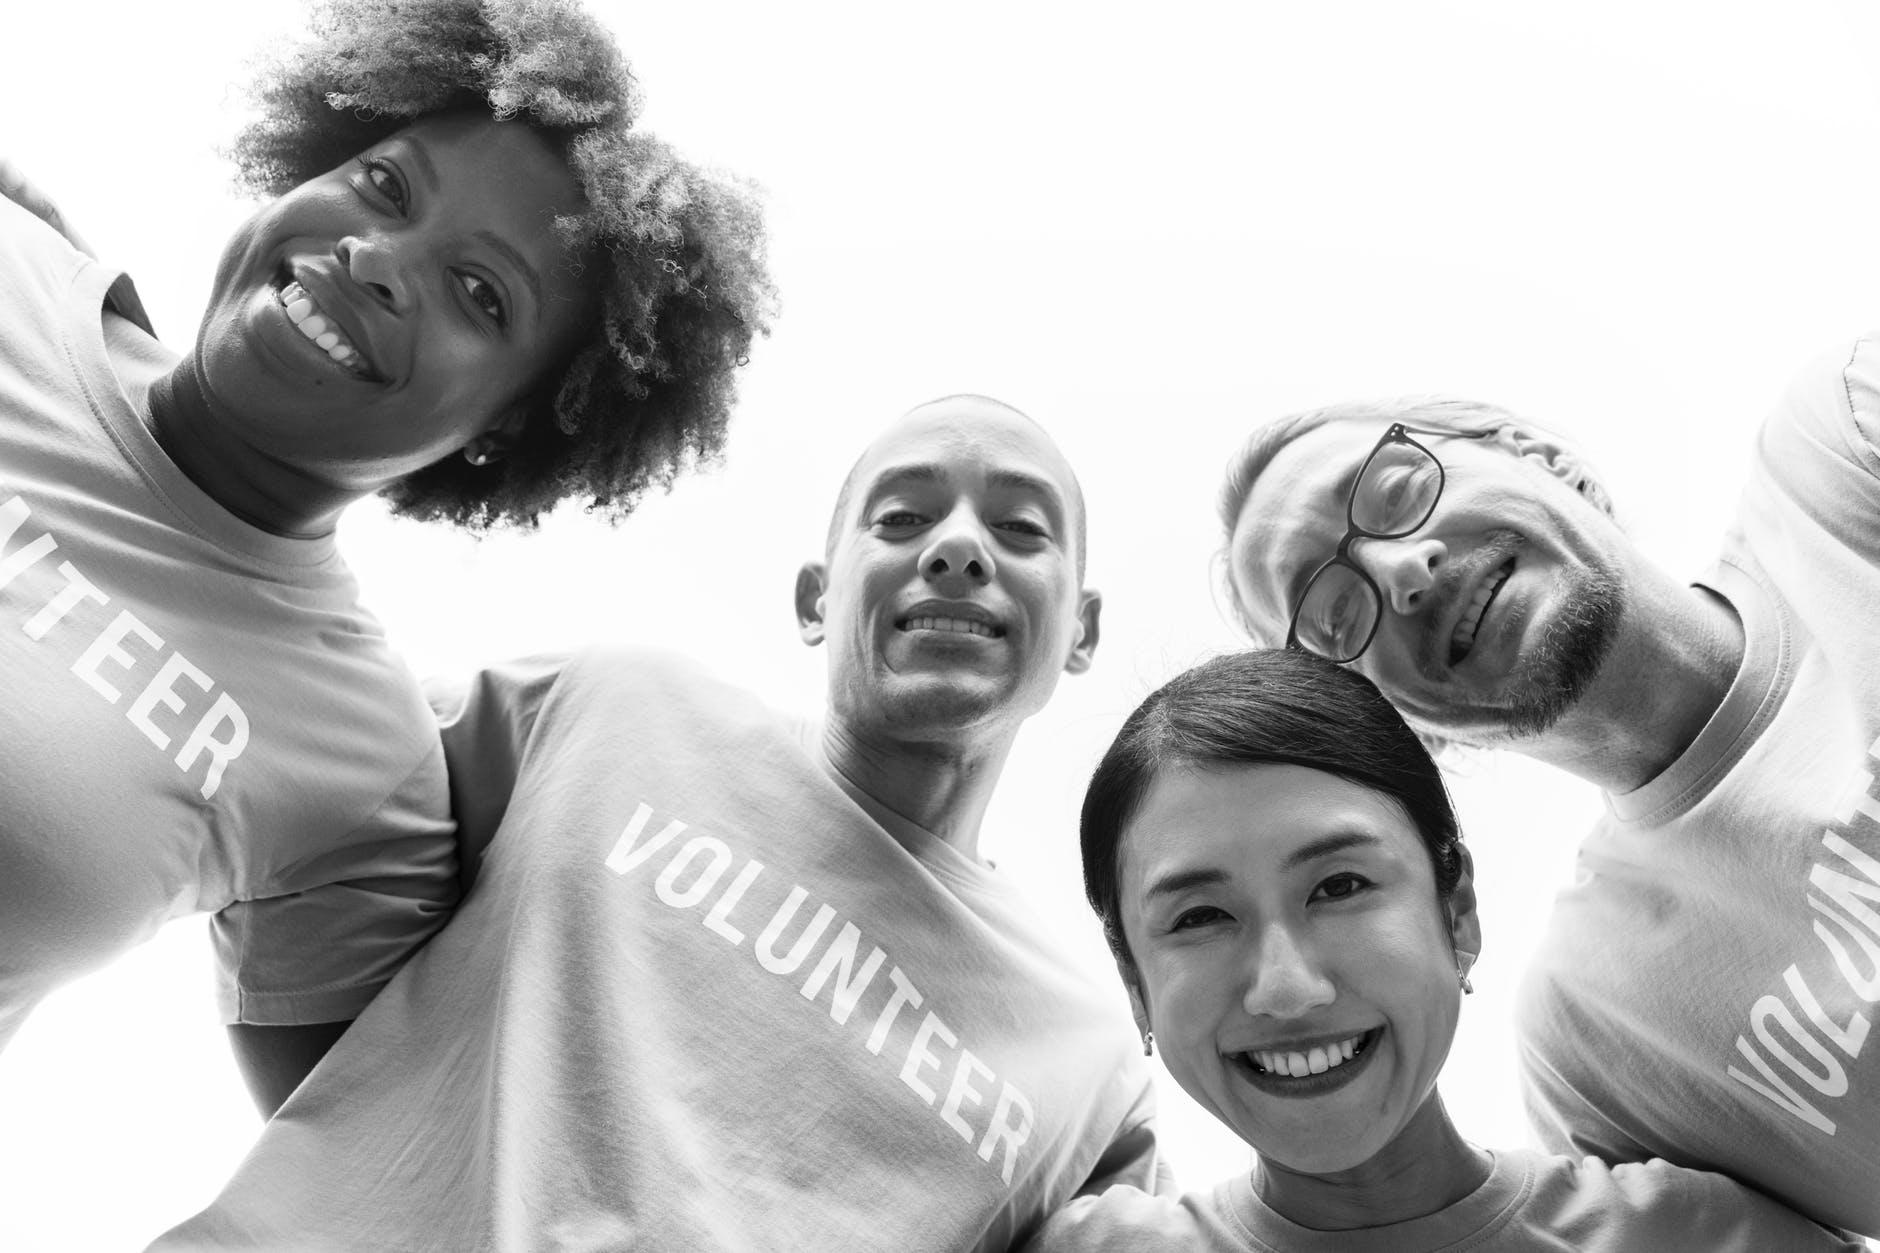 Image of Volunteers